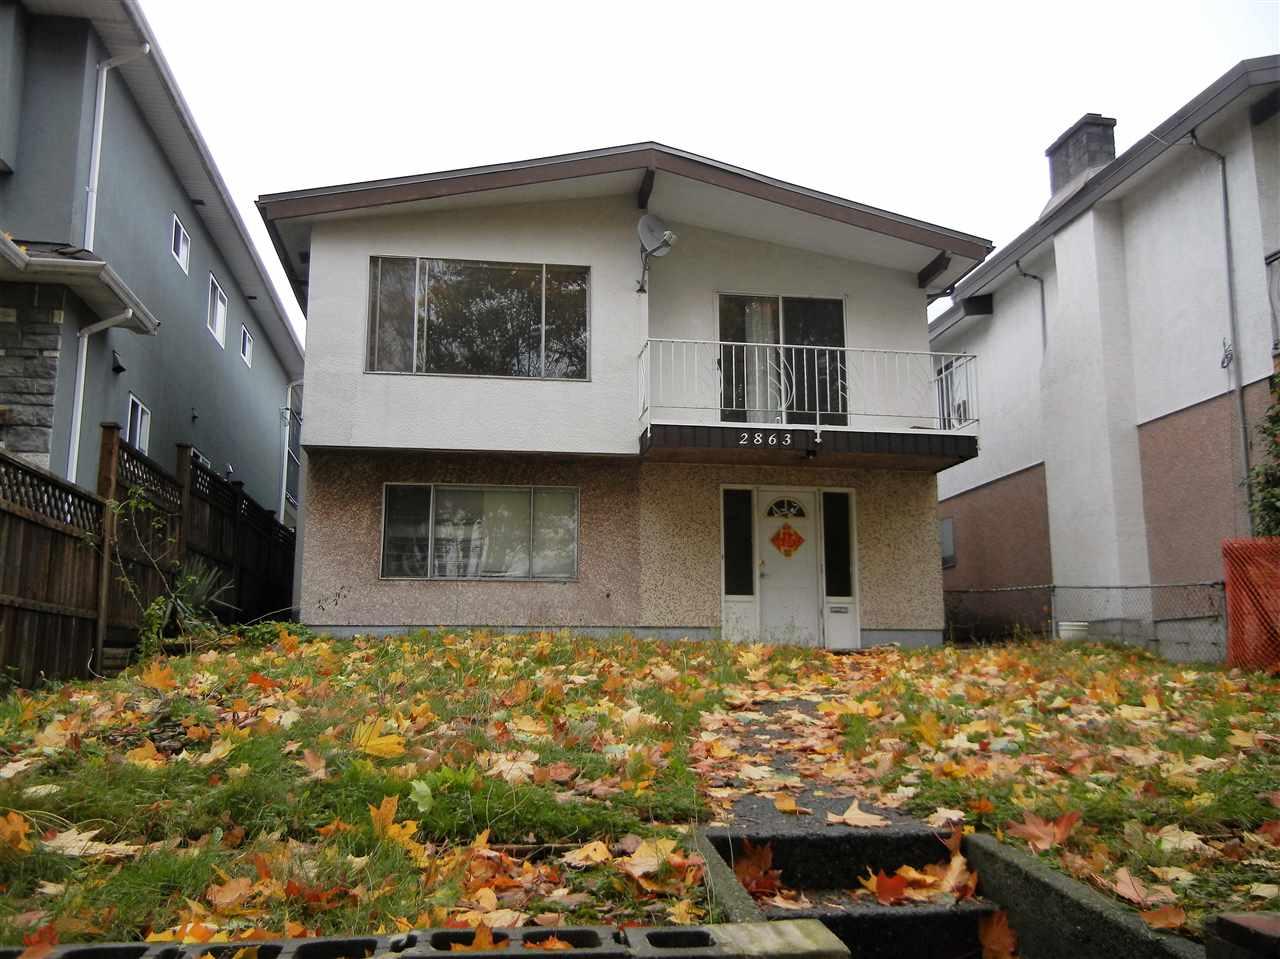 2863 E 10TH AVENUE, Vancouver